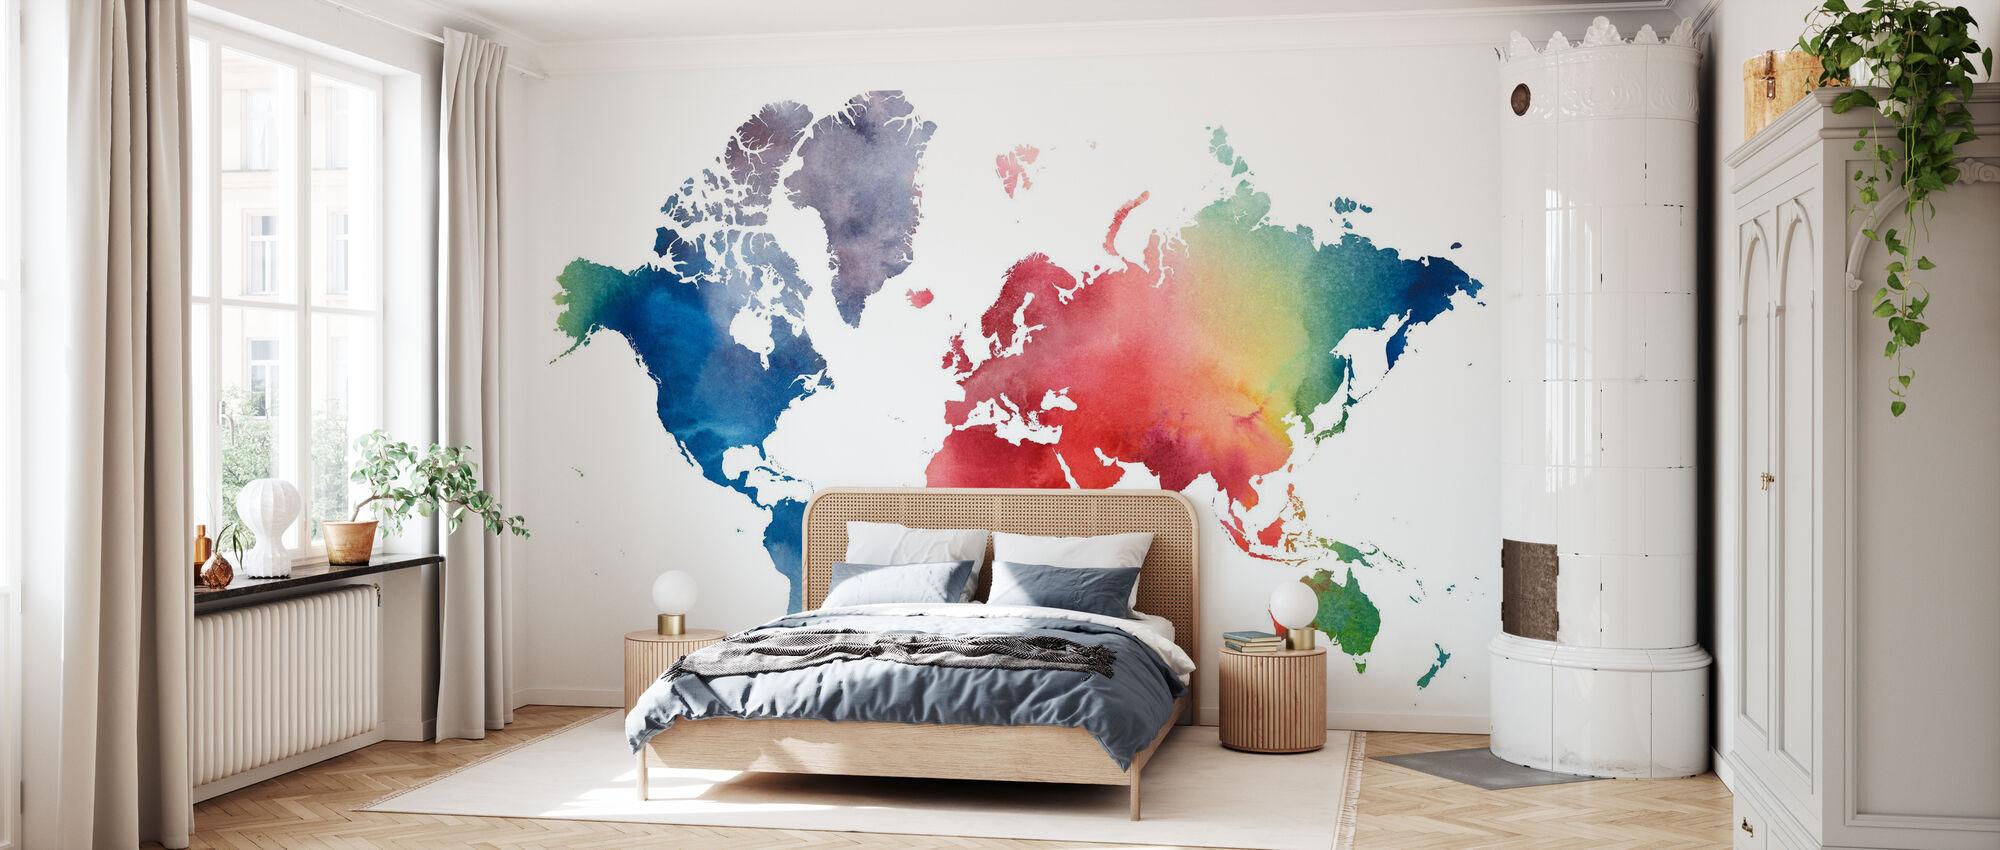 Regenbogenwelt - Tapete - Schlafzimmer